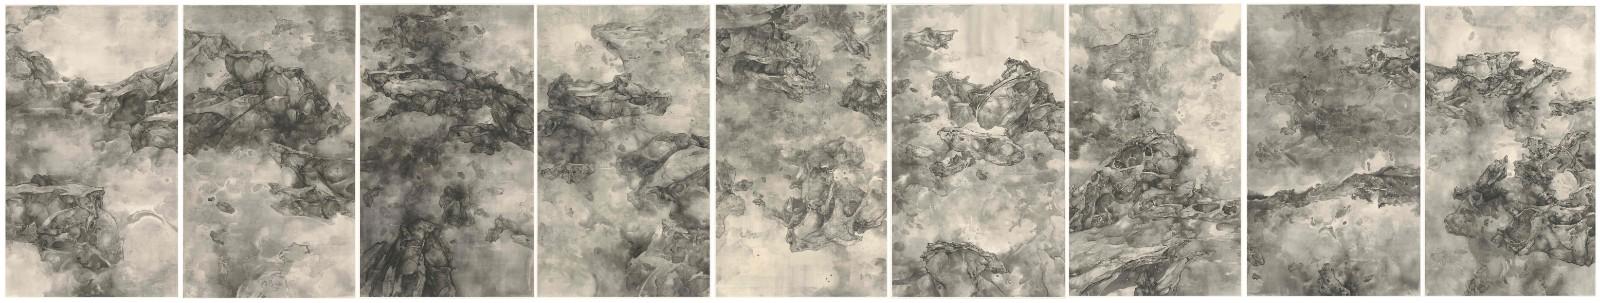 泰祥洲《平行宇宙》,絹本水墨, 2017